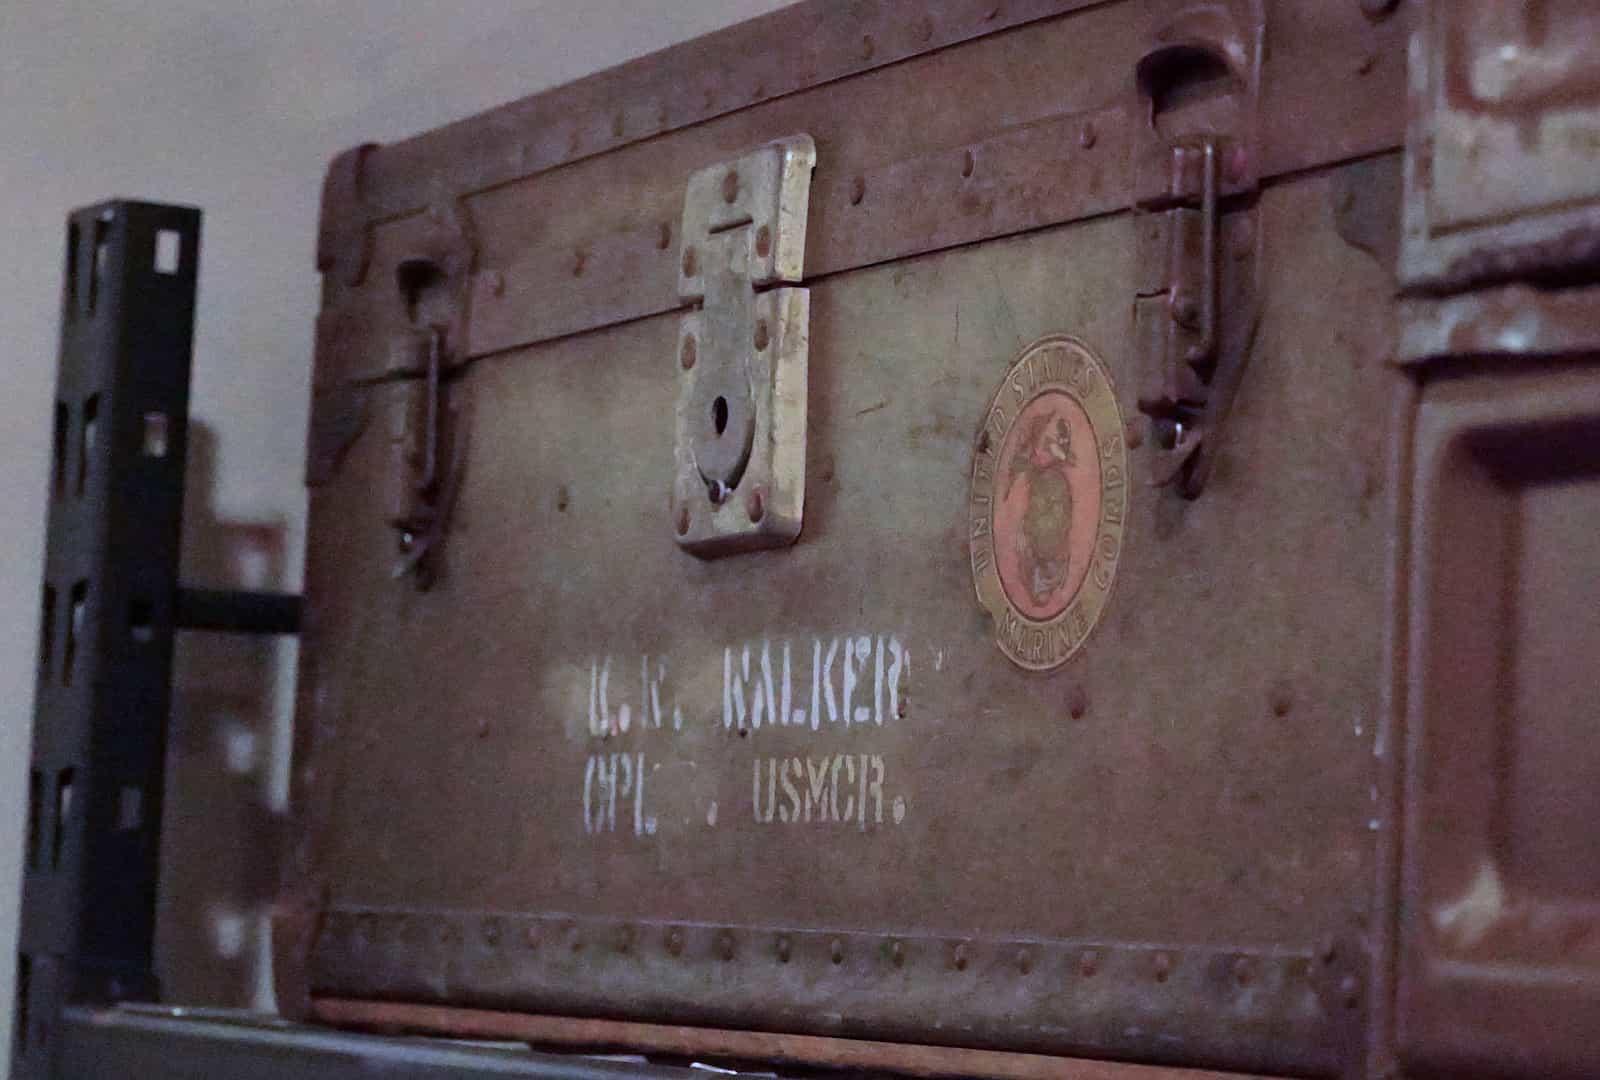 paul walker case